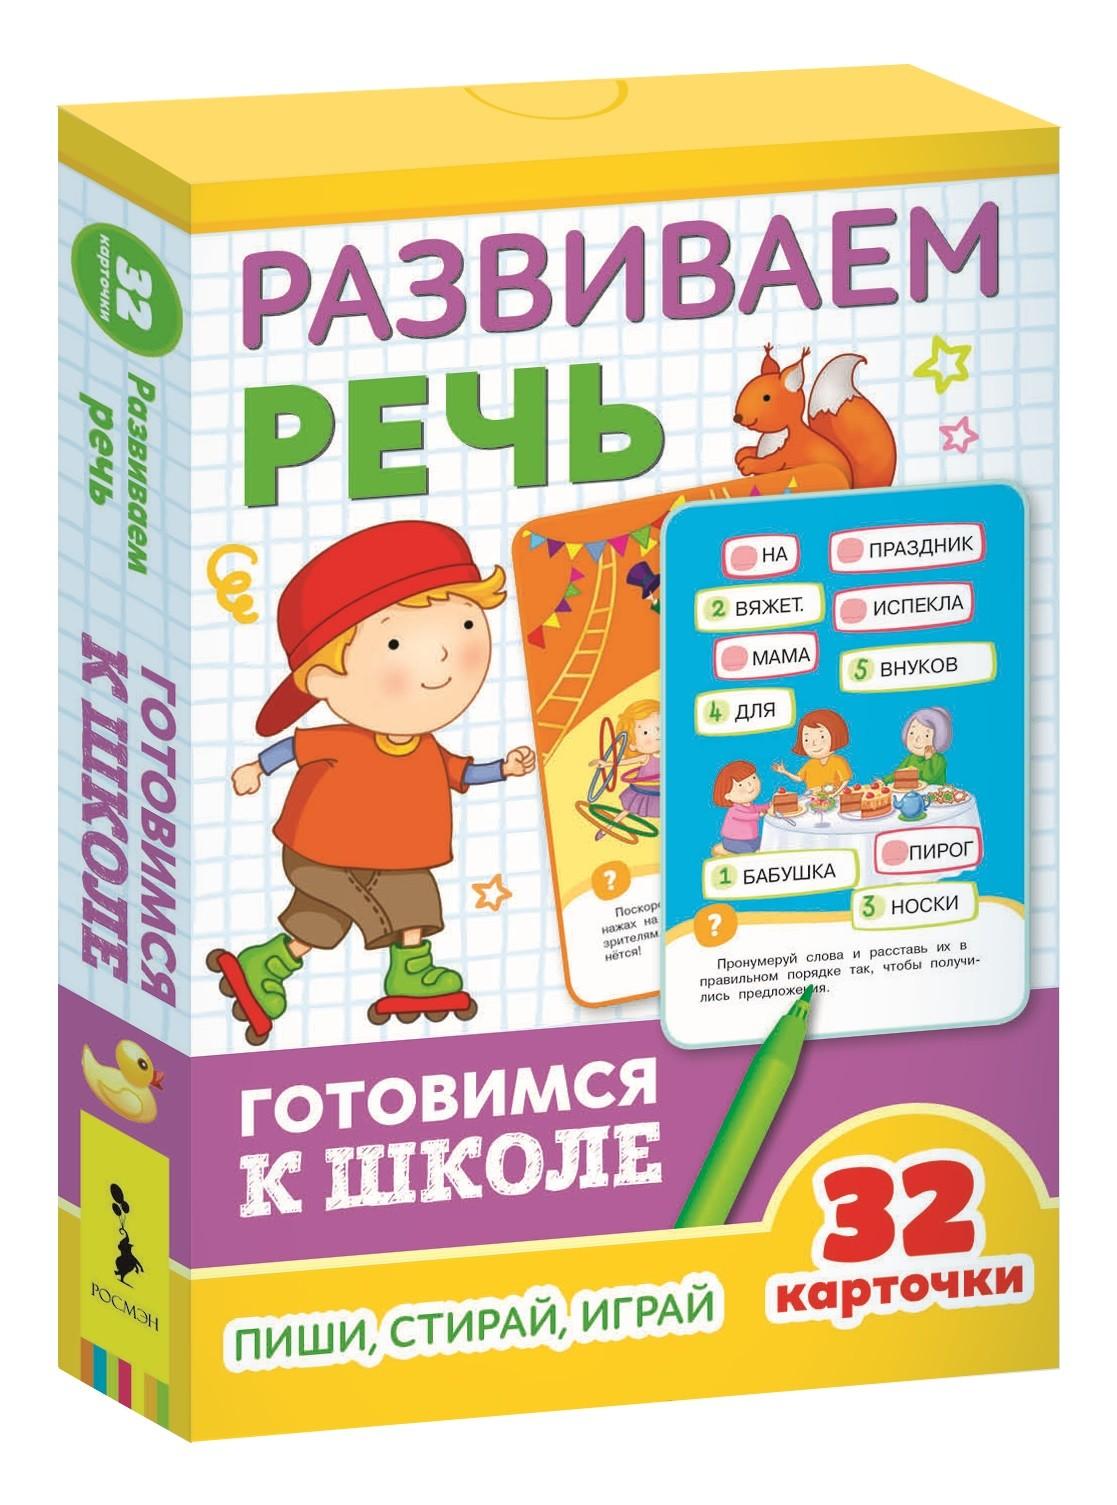 Евдокимова А. В. Развиваем речь (Развивающие карточки. Готовимся к школе 5+) евдокимова а в развиваем логику внимание память развивающие карточки готовимся к школе 5